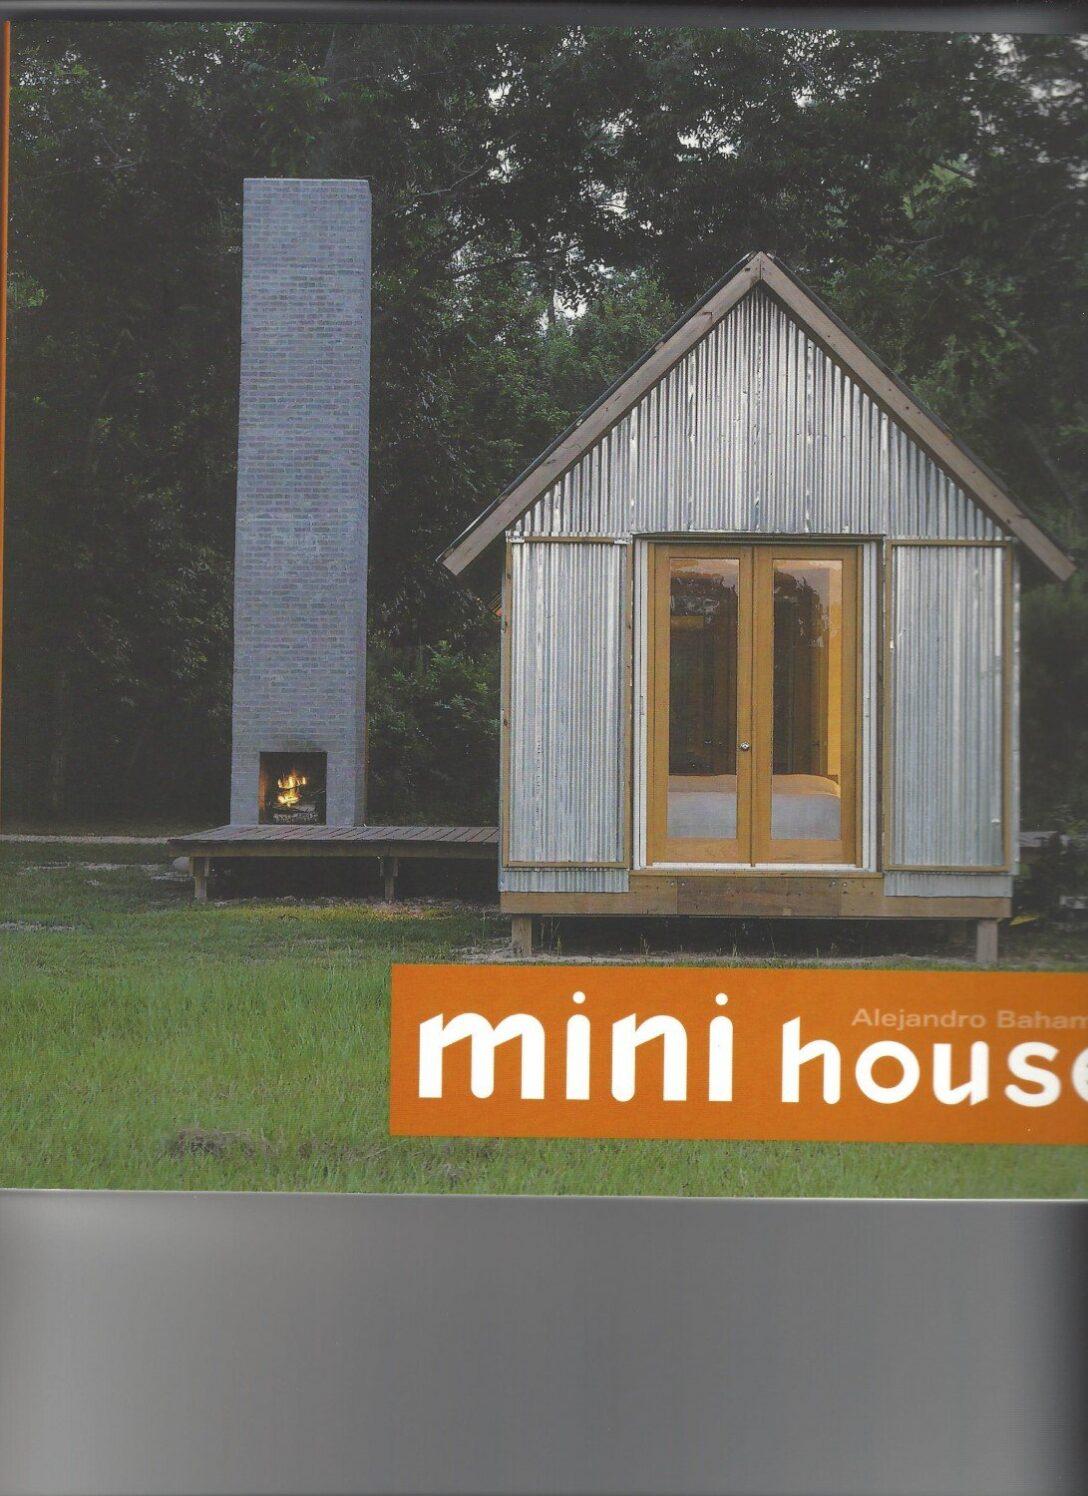 Large Size of Tiny House Gebraucht Kaufen Modelle Im Vergleich Garten Trennwand Trampolin Schwimmingpool Für Den Spielhaus Holz Sichtschutz Loungemöbel Klapptisch Wohnzimmer Spielhaus Garten Gebraucht